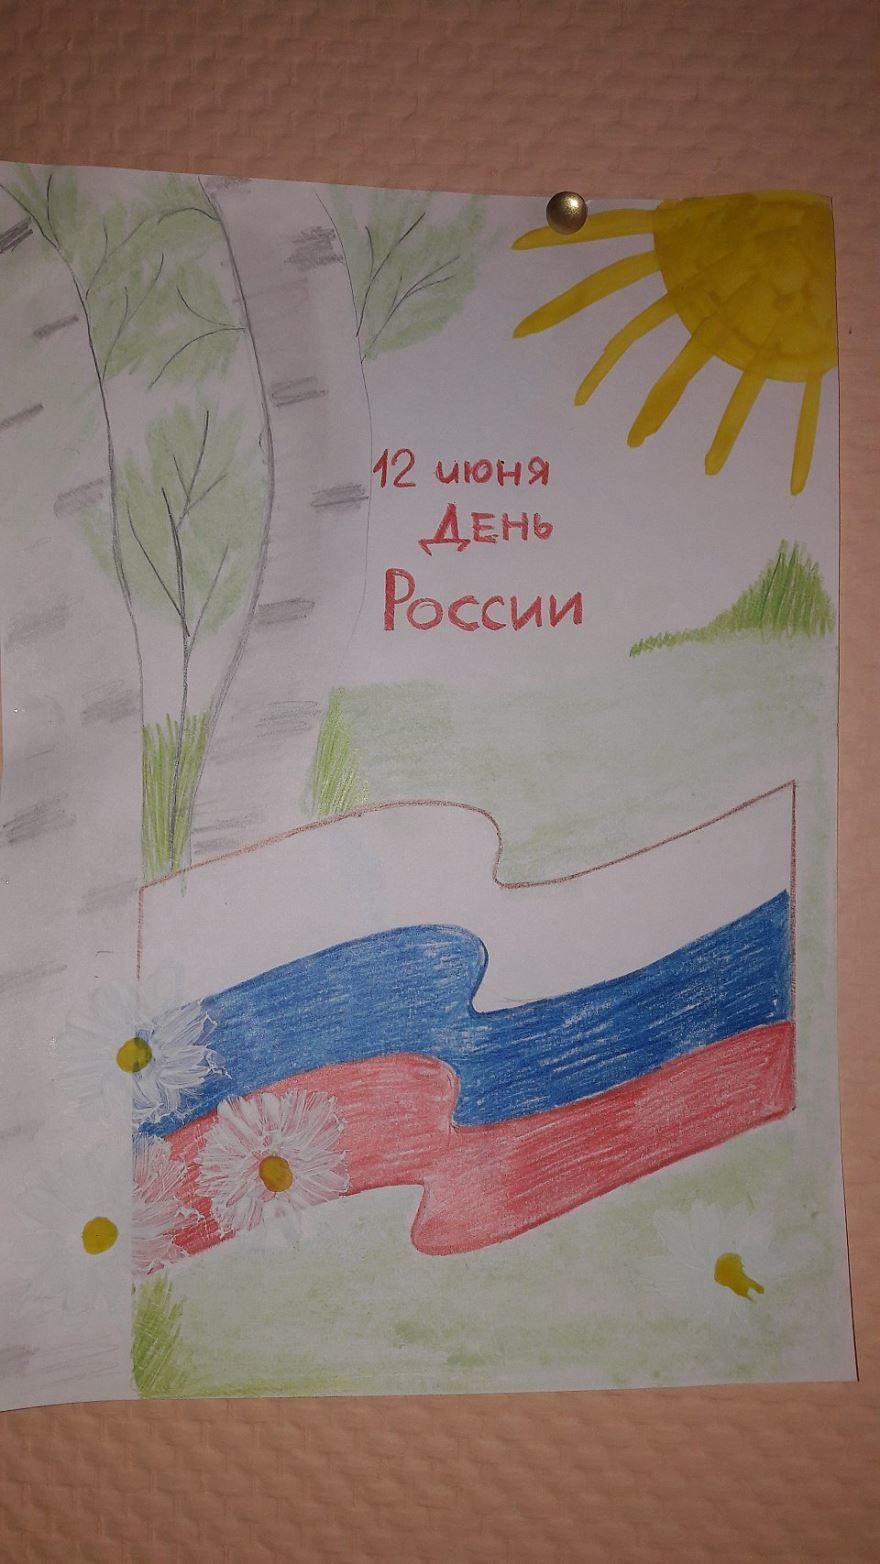 Детские, легкие рисунки на день России